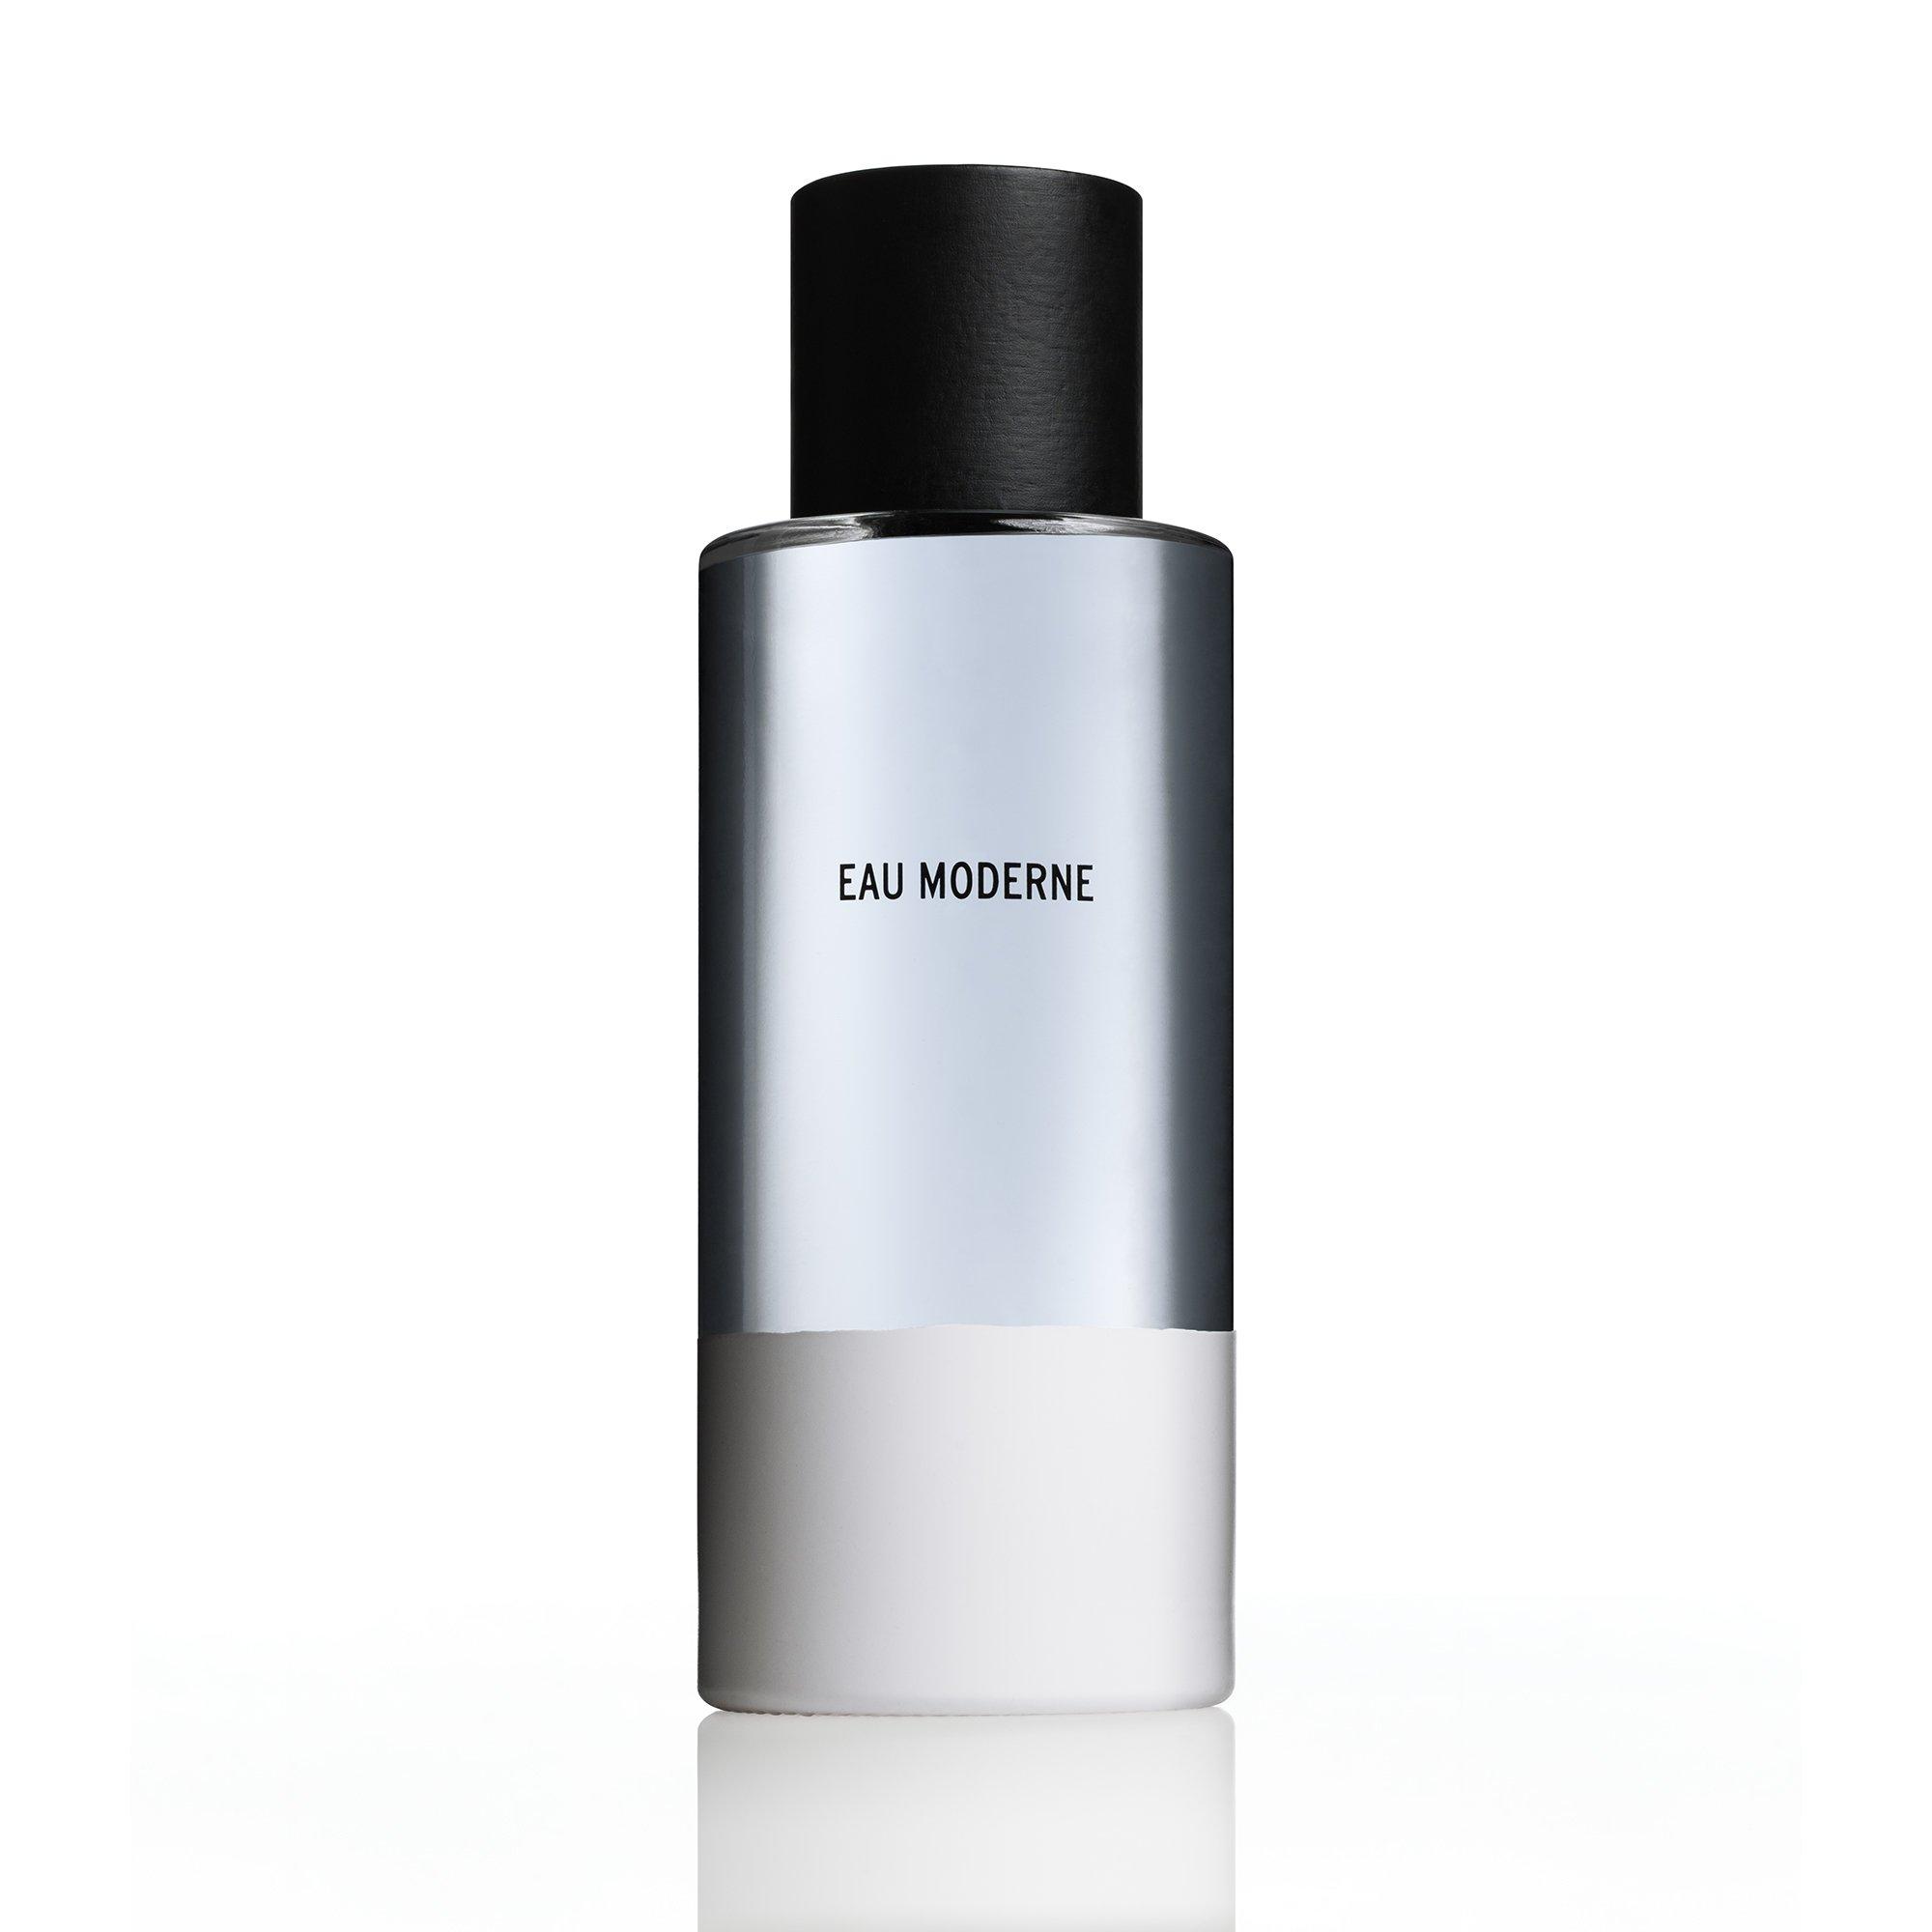 THIRDMAN Moderne Eau de Parfum Spray, 3.4 fl. oz.